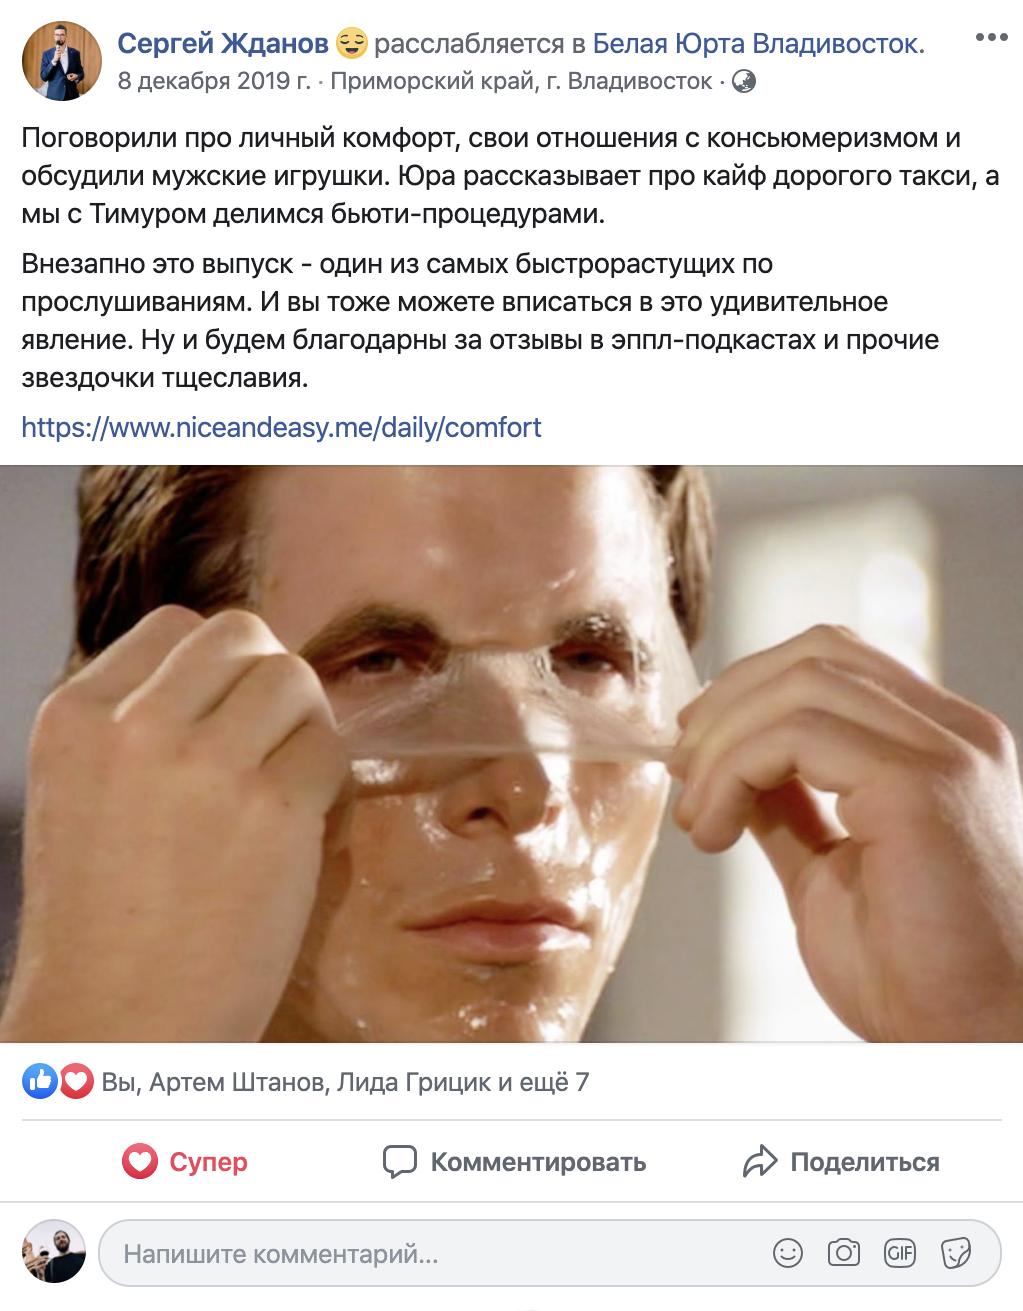 Сергей делает саммари и подбирает смешные картинки к публикациям в соцсетях